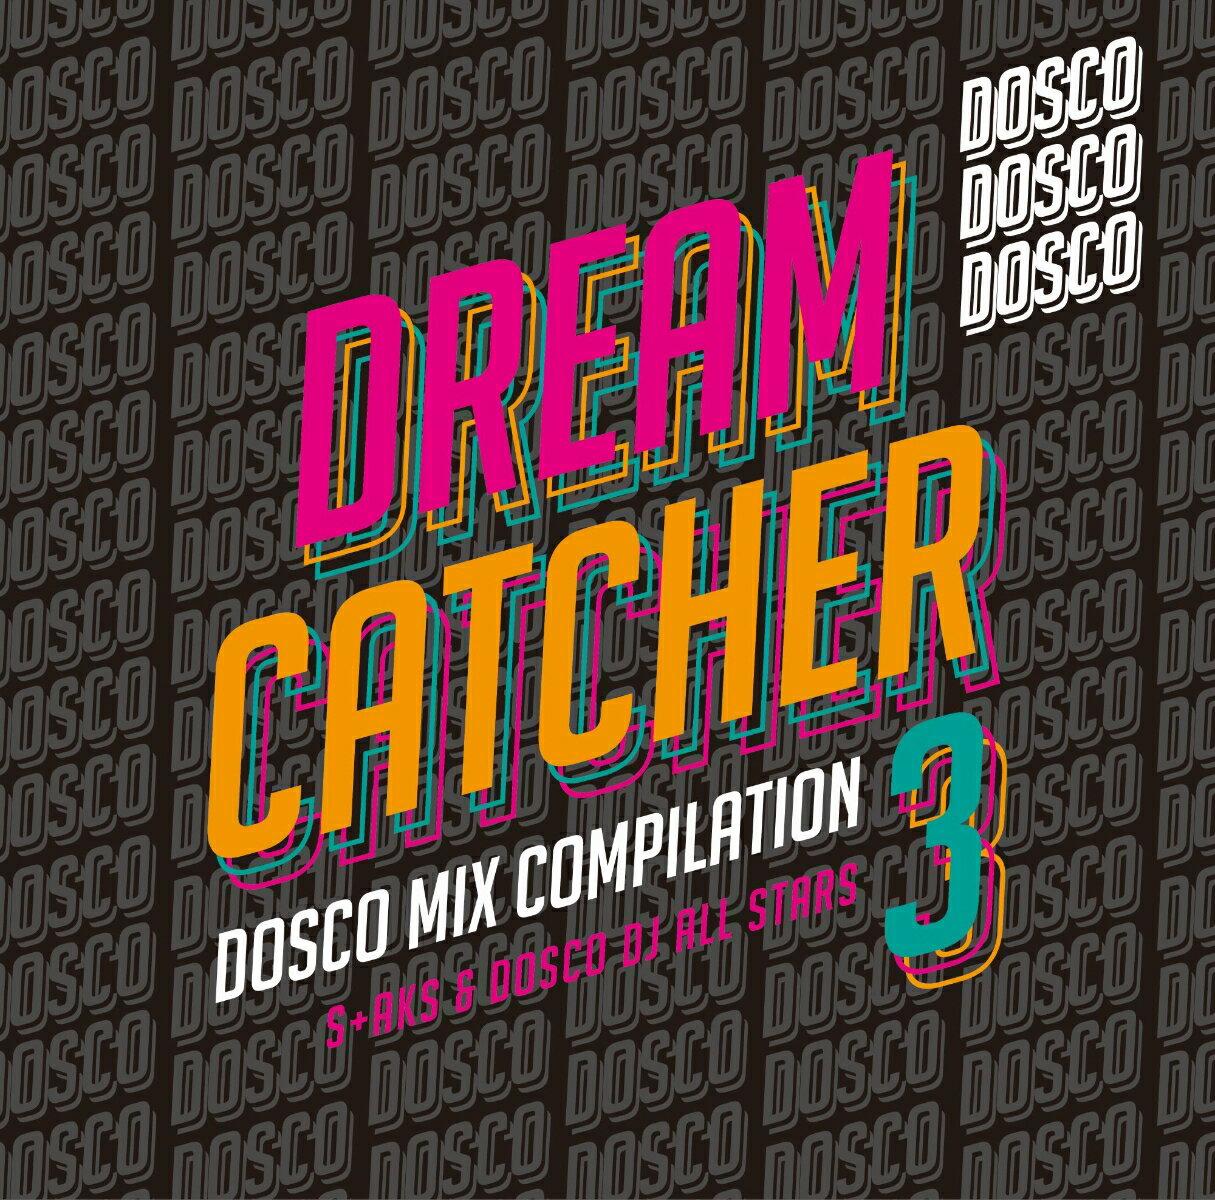 【楽天ブックス限定先着特典】DREAM CATCHER 3 〜ドリカムディスコ MIX COMPILATAION〜(「DREAM CATCHER 3」缶バッジ)画像